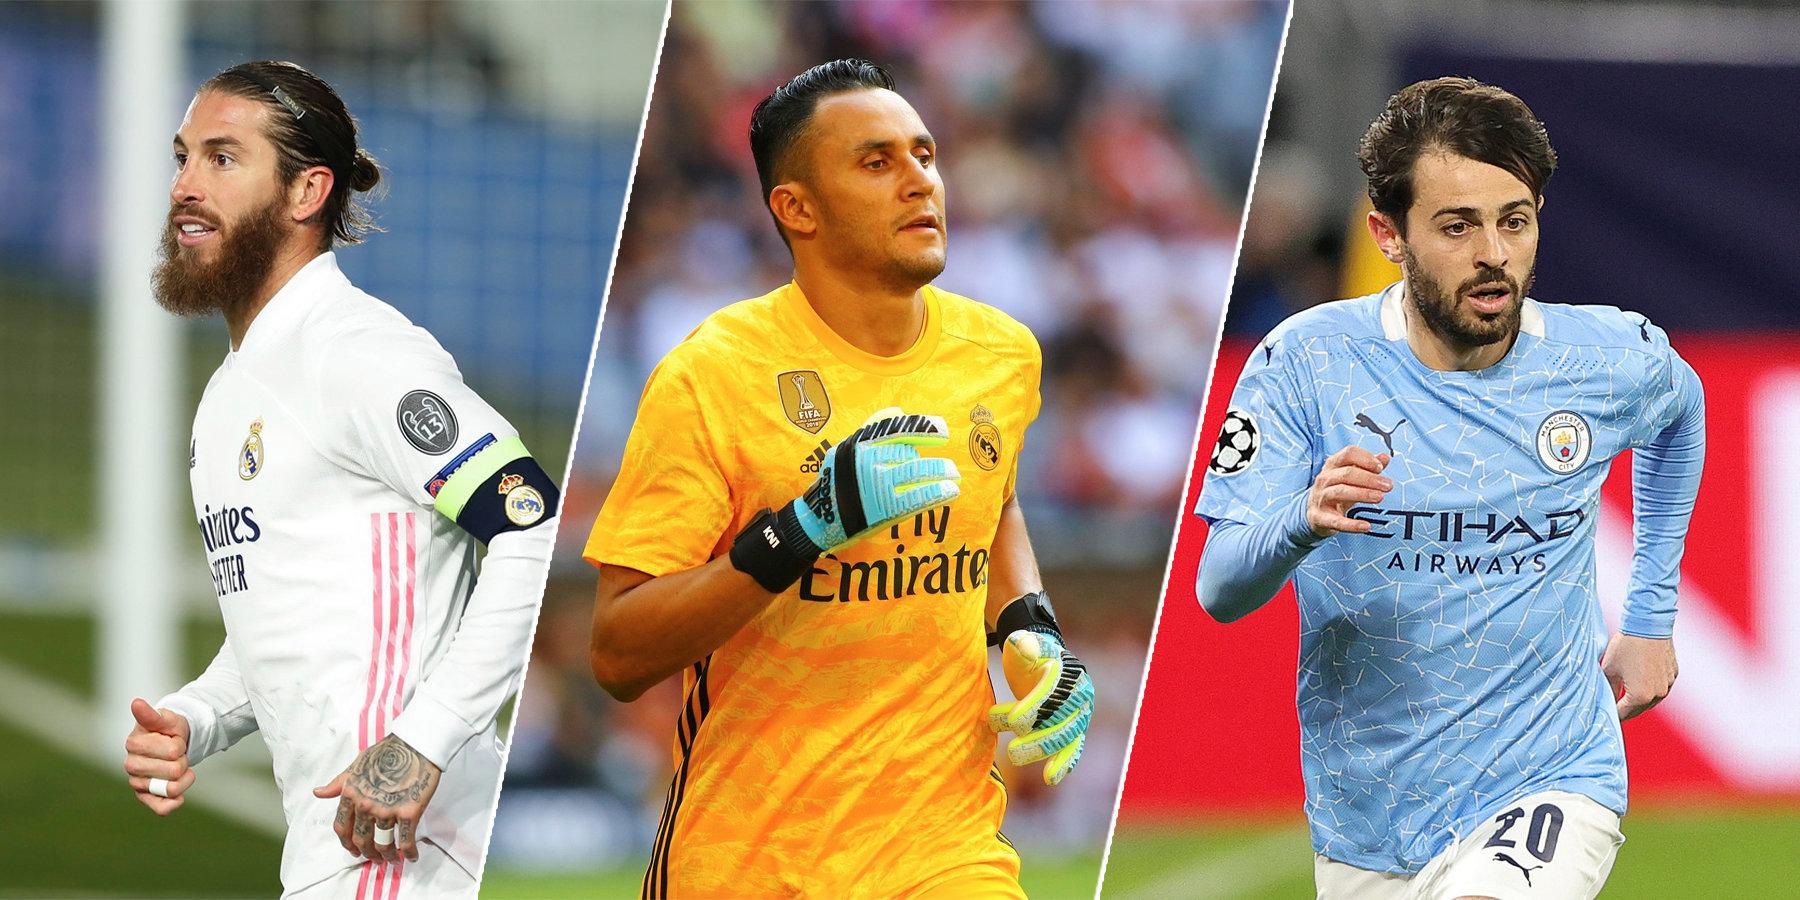 Рамос - в «ПСЖ», Навас - в «МЮ», а Силва - в «Барселоне»? Трансферная жара в Европе